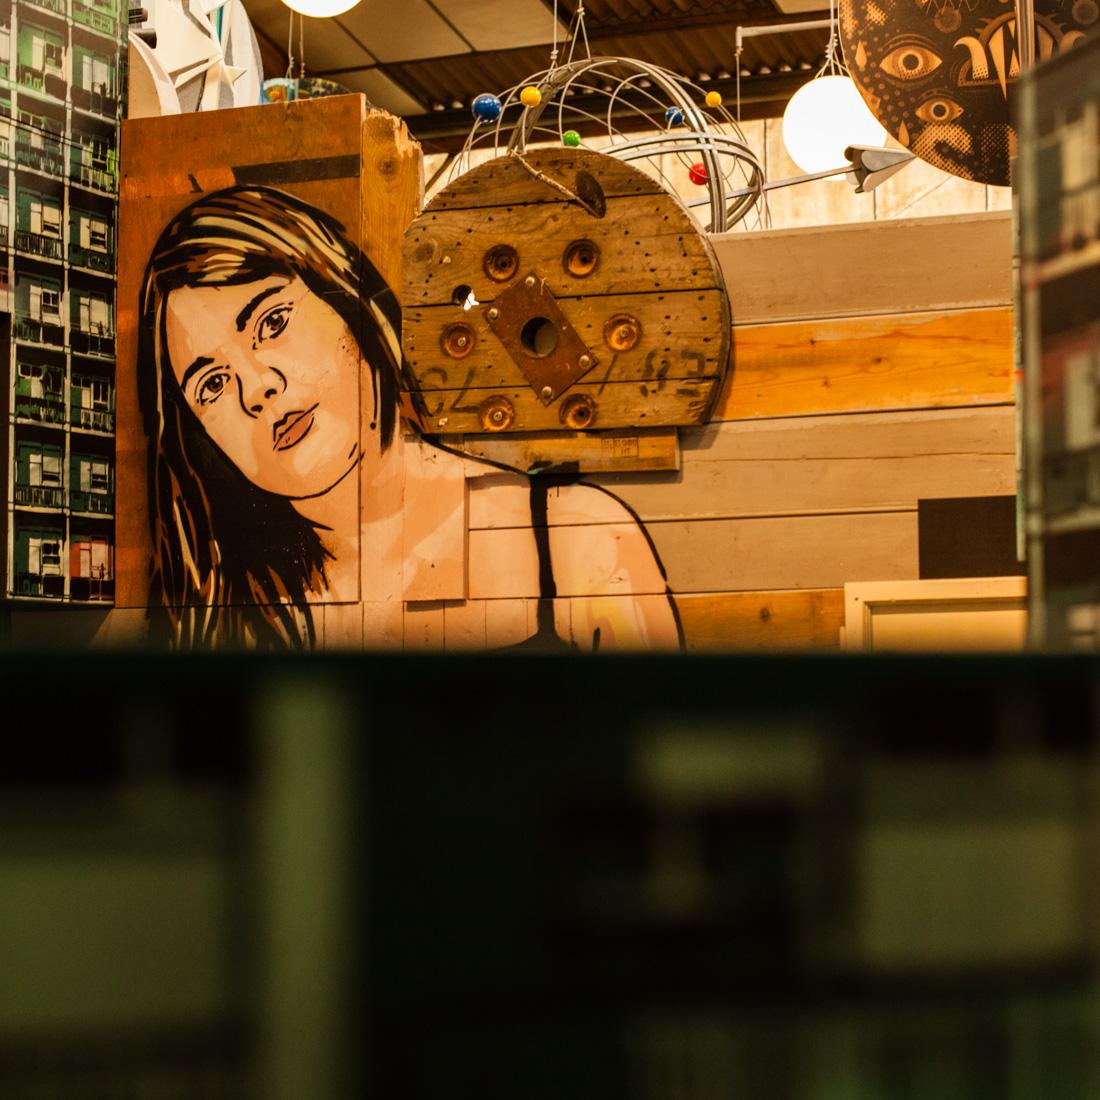 Réserve malakoff, street-art, expo